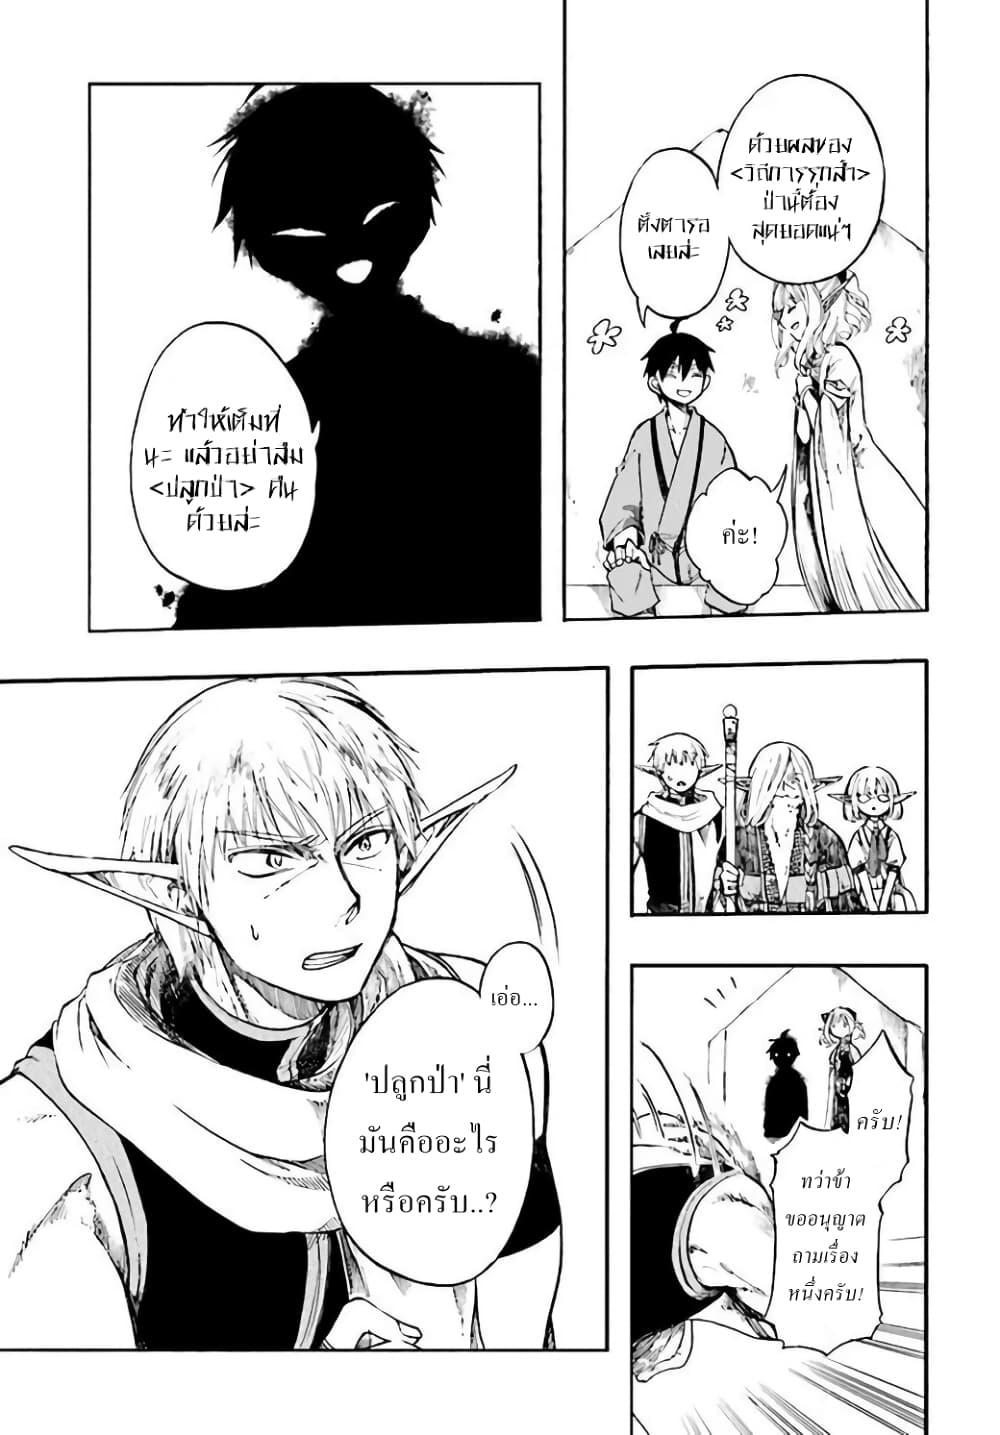 อ่านการ์ตูน Isekai Apocalypse MYNOGHRA ~The Conquest of the World Starts With the Civilization of Ruin~ ตอนที่ 4 หน้าที่ 19